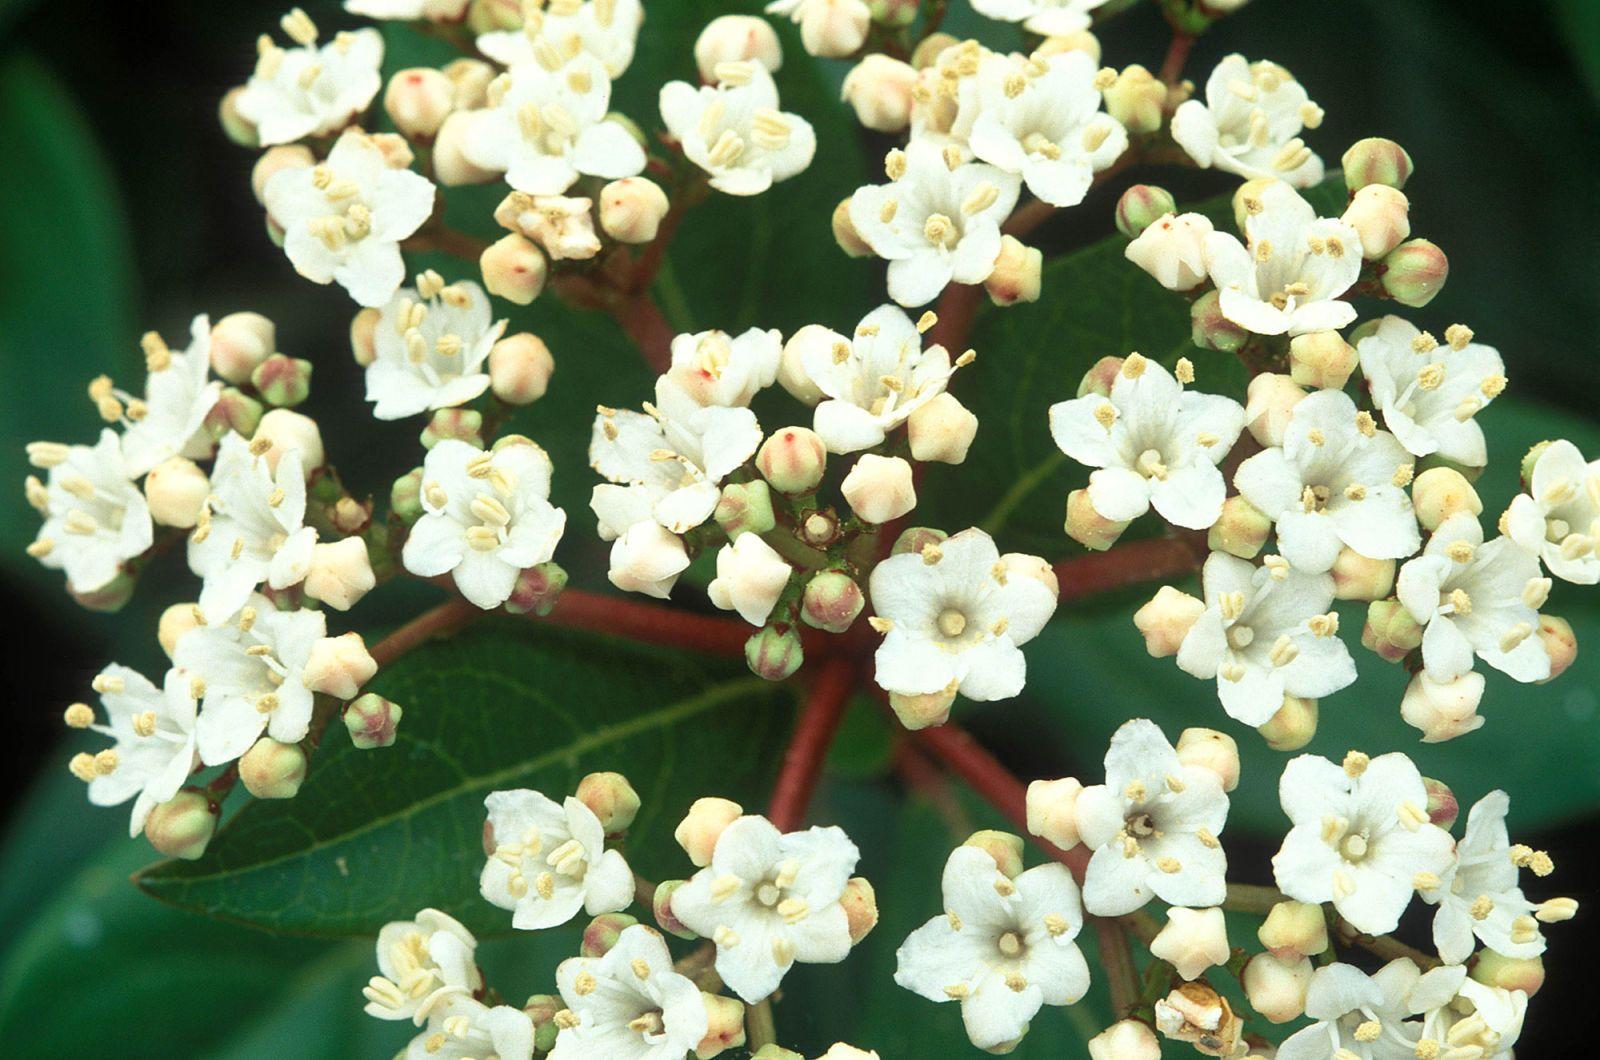 La varietà di fiori da giardino viole del pensiero messa a fuoco